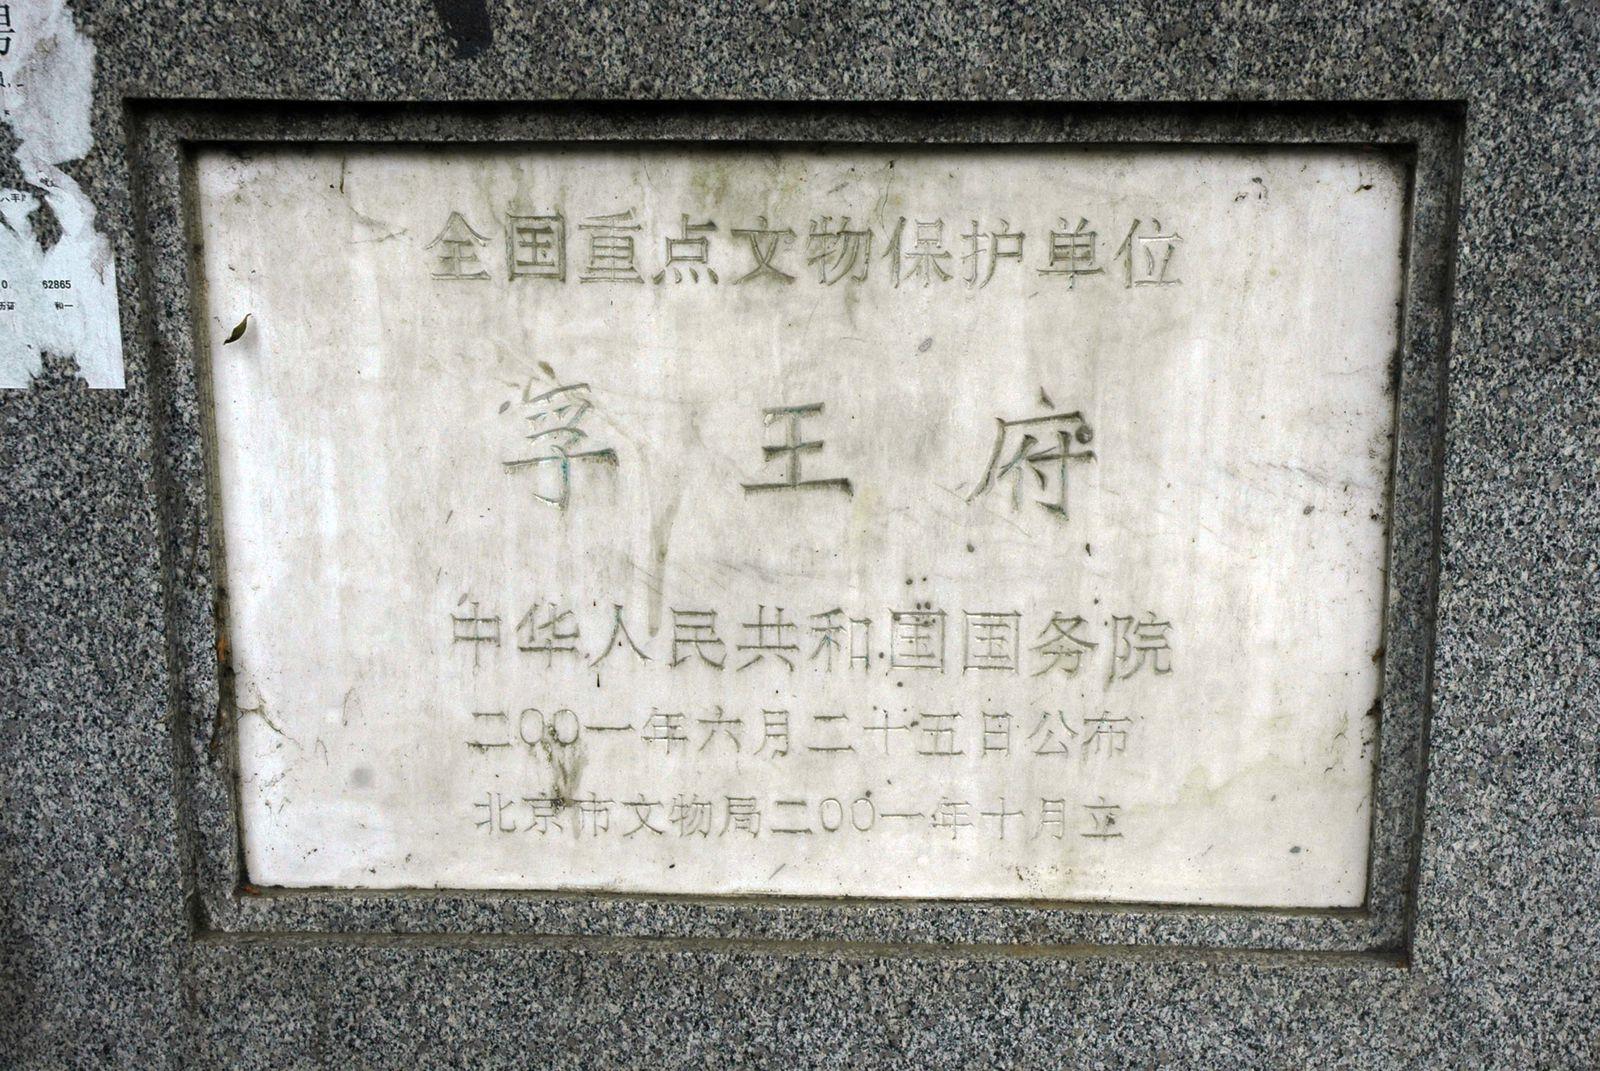 En 2000, le Fu Wangfu a été officiellement déclaré monument protégé, comme l'atteste cette plaque.